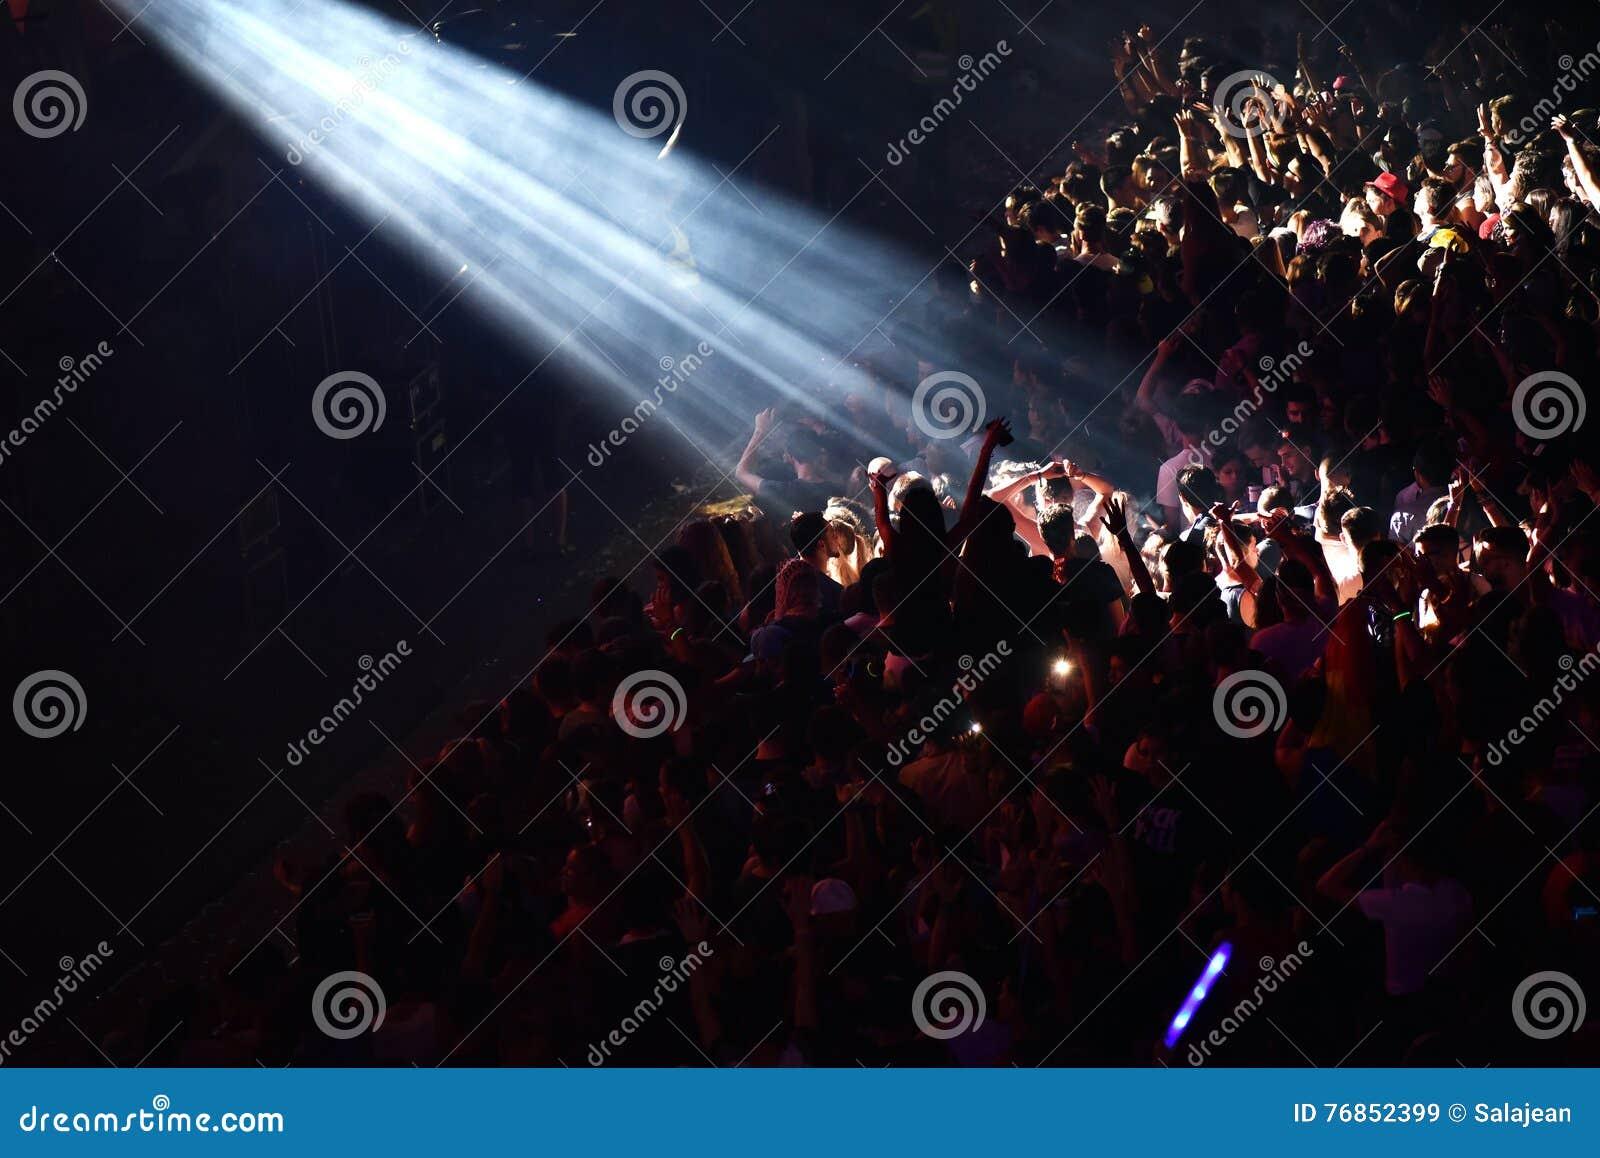 приходилось дух женщин имеет толпа хотите